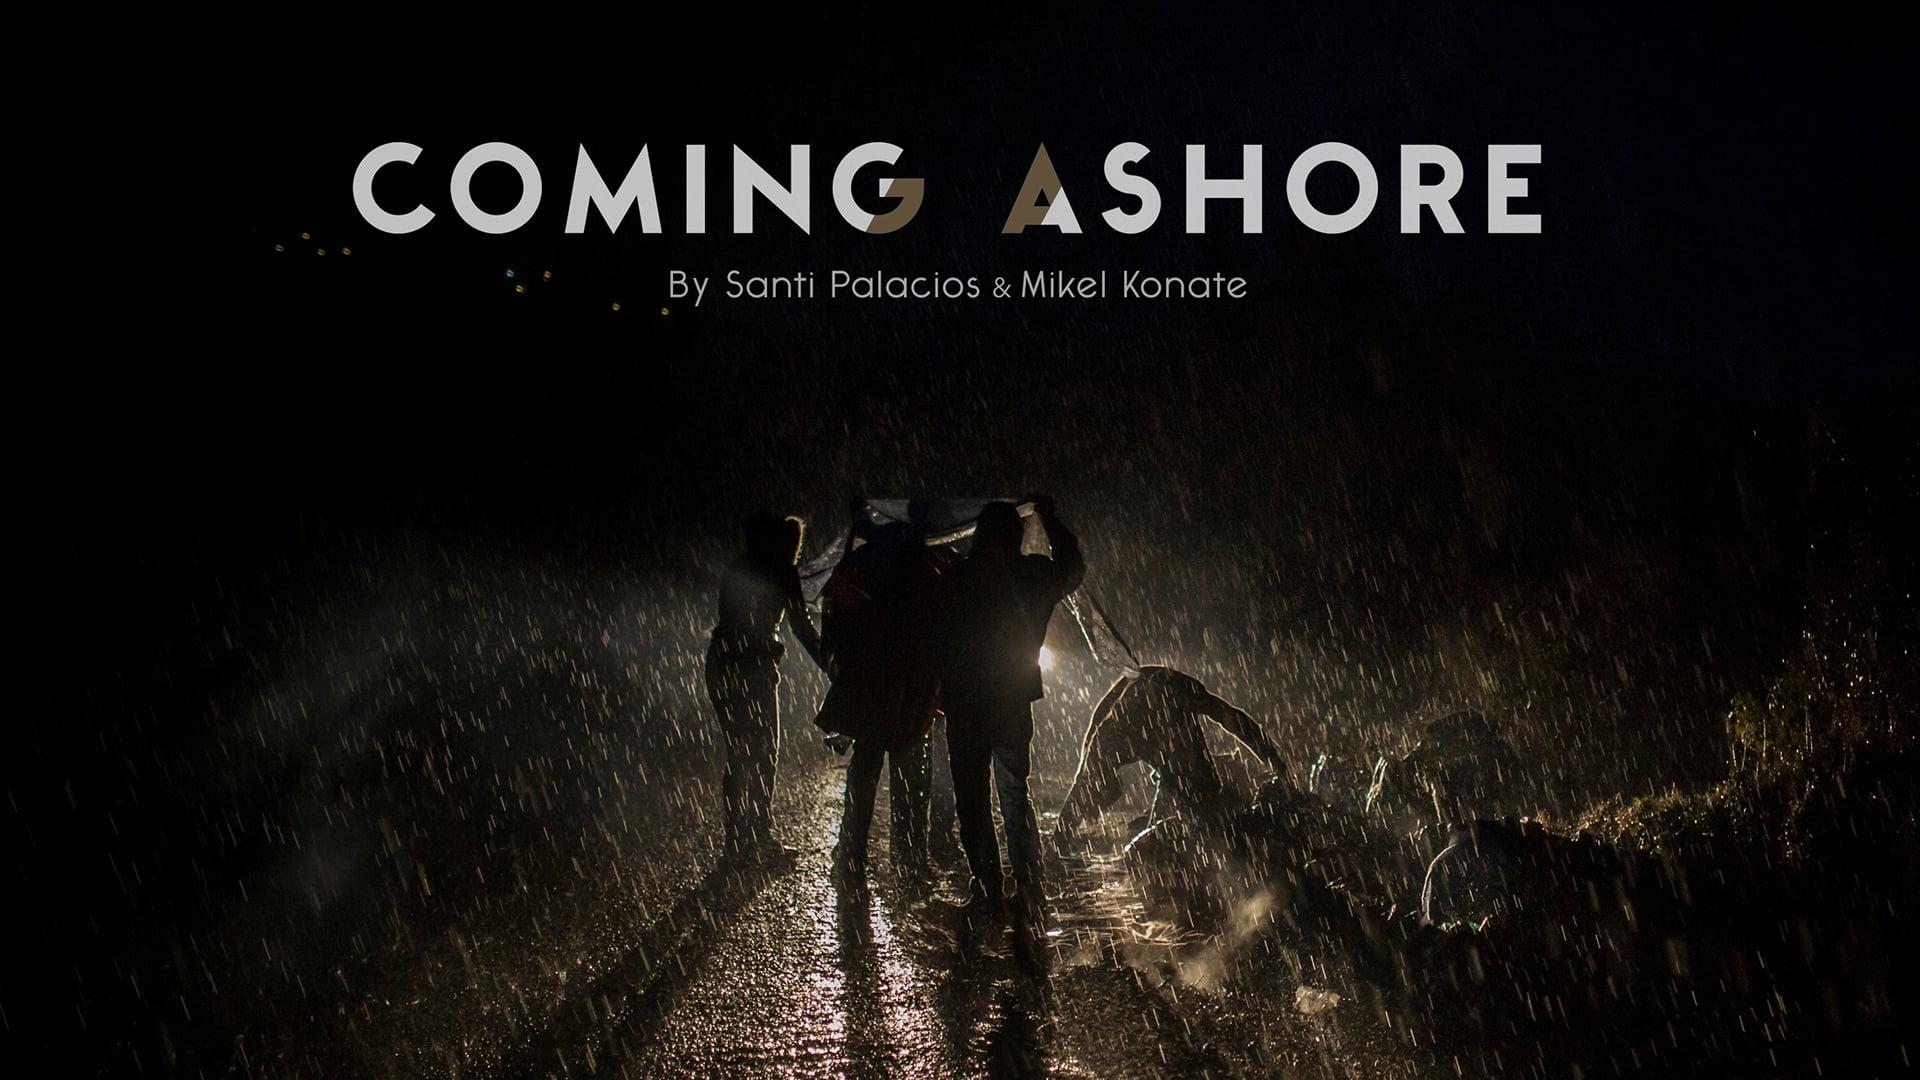 Coming Ashore (Spanish)